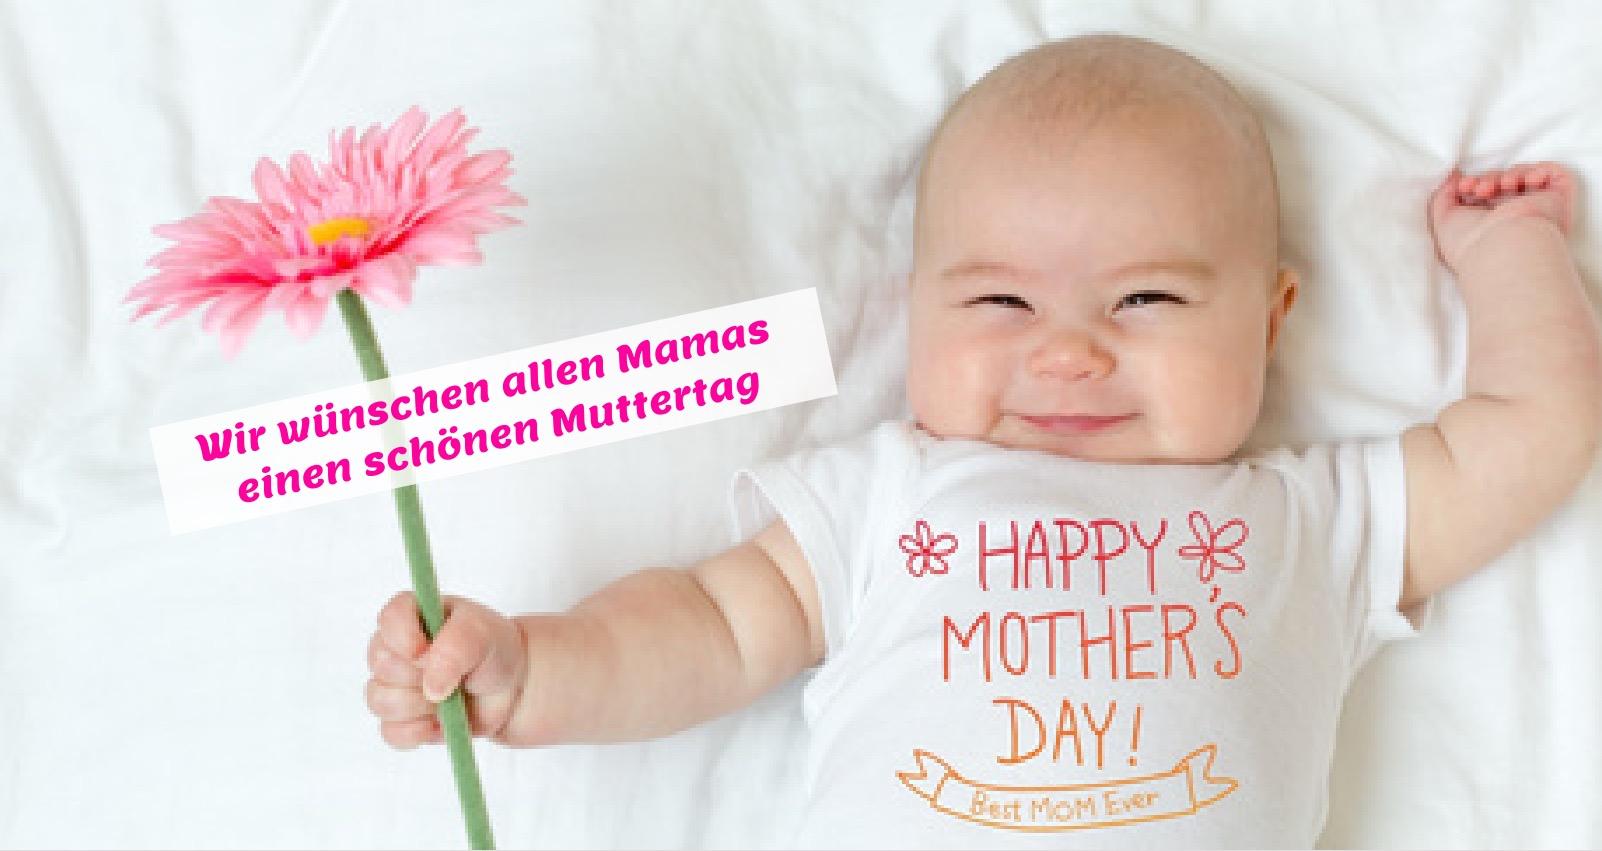 Wir wünschen allen Mamas einen schönen Muttertag!